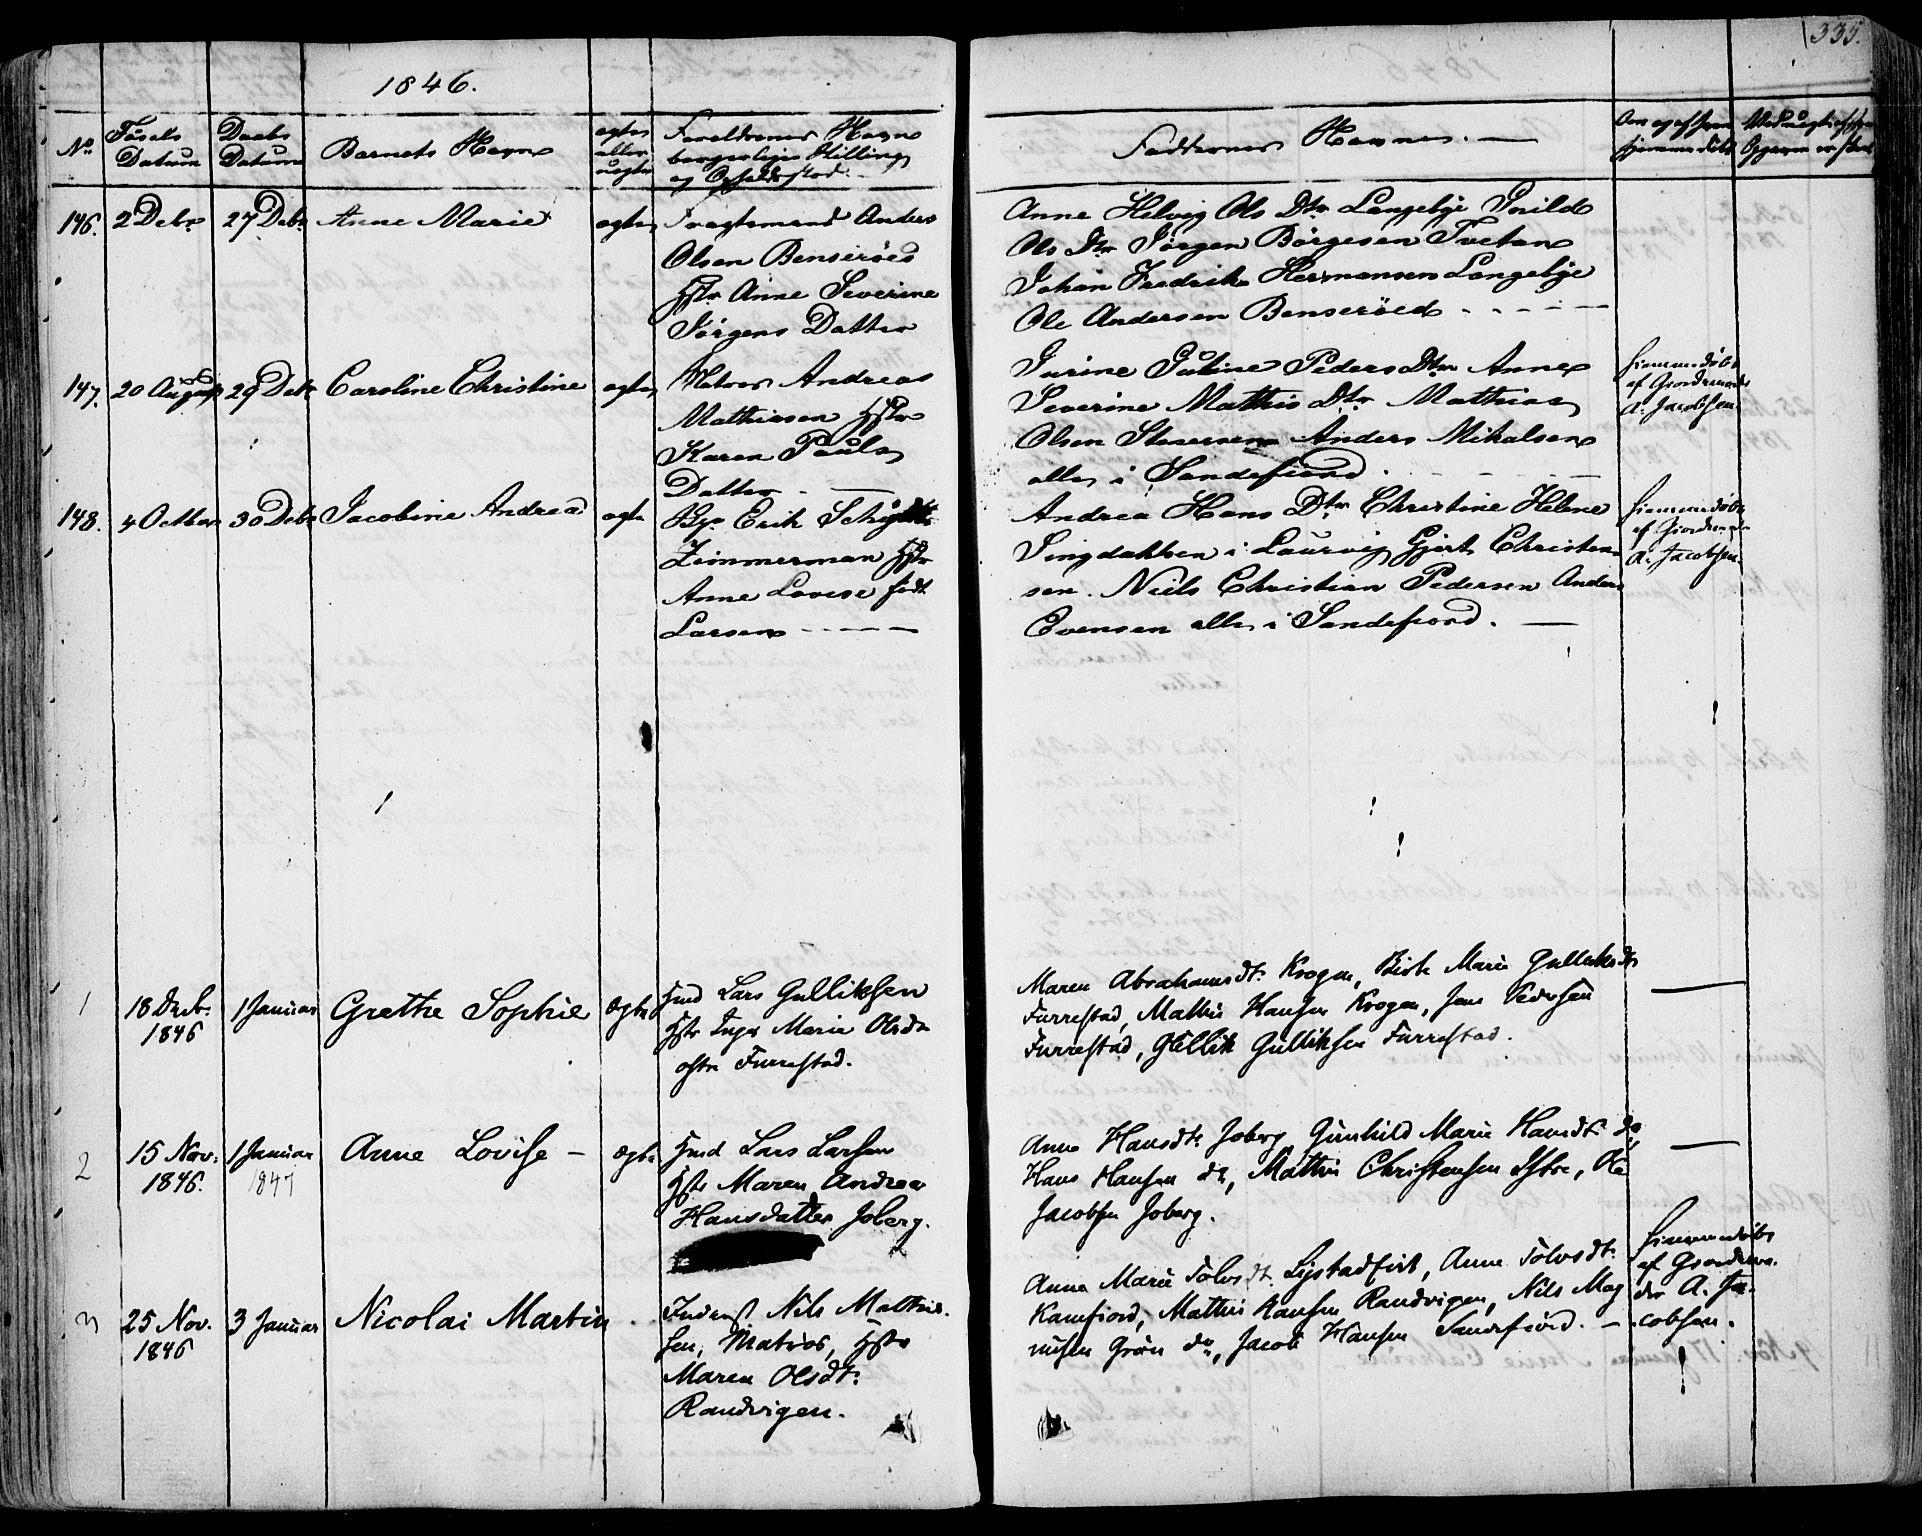 SAKO, Sandar kirkebøker, F/Fa/L0005: Ministerialbok nr. 5, 1832-1847, s. 334-335